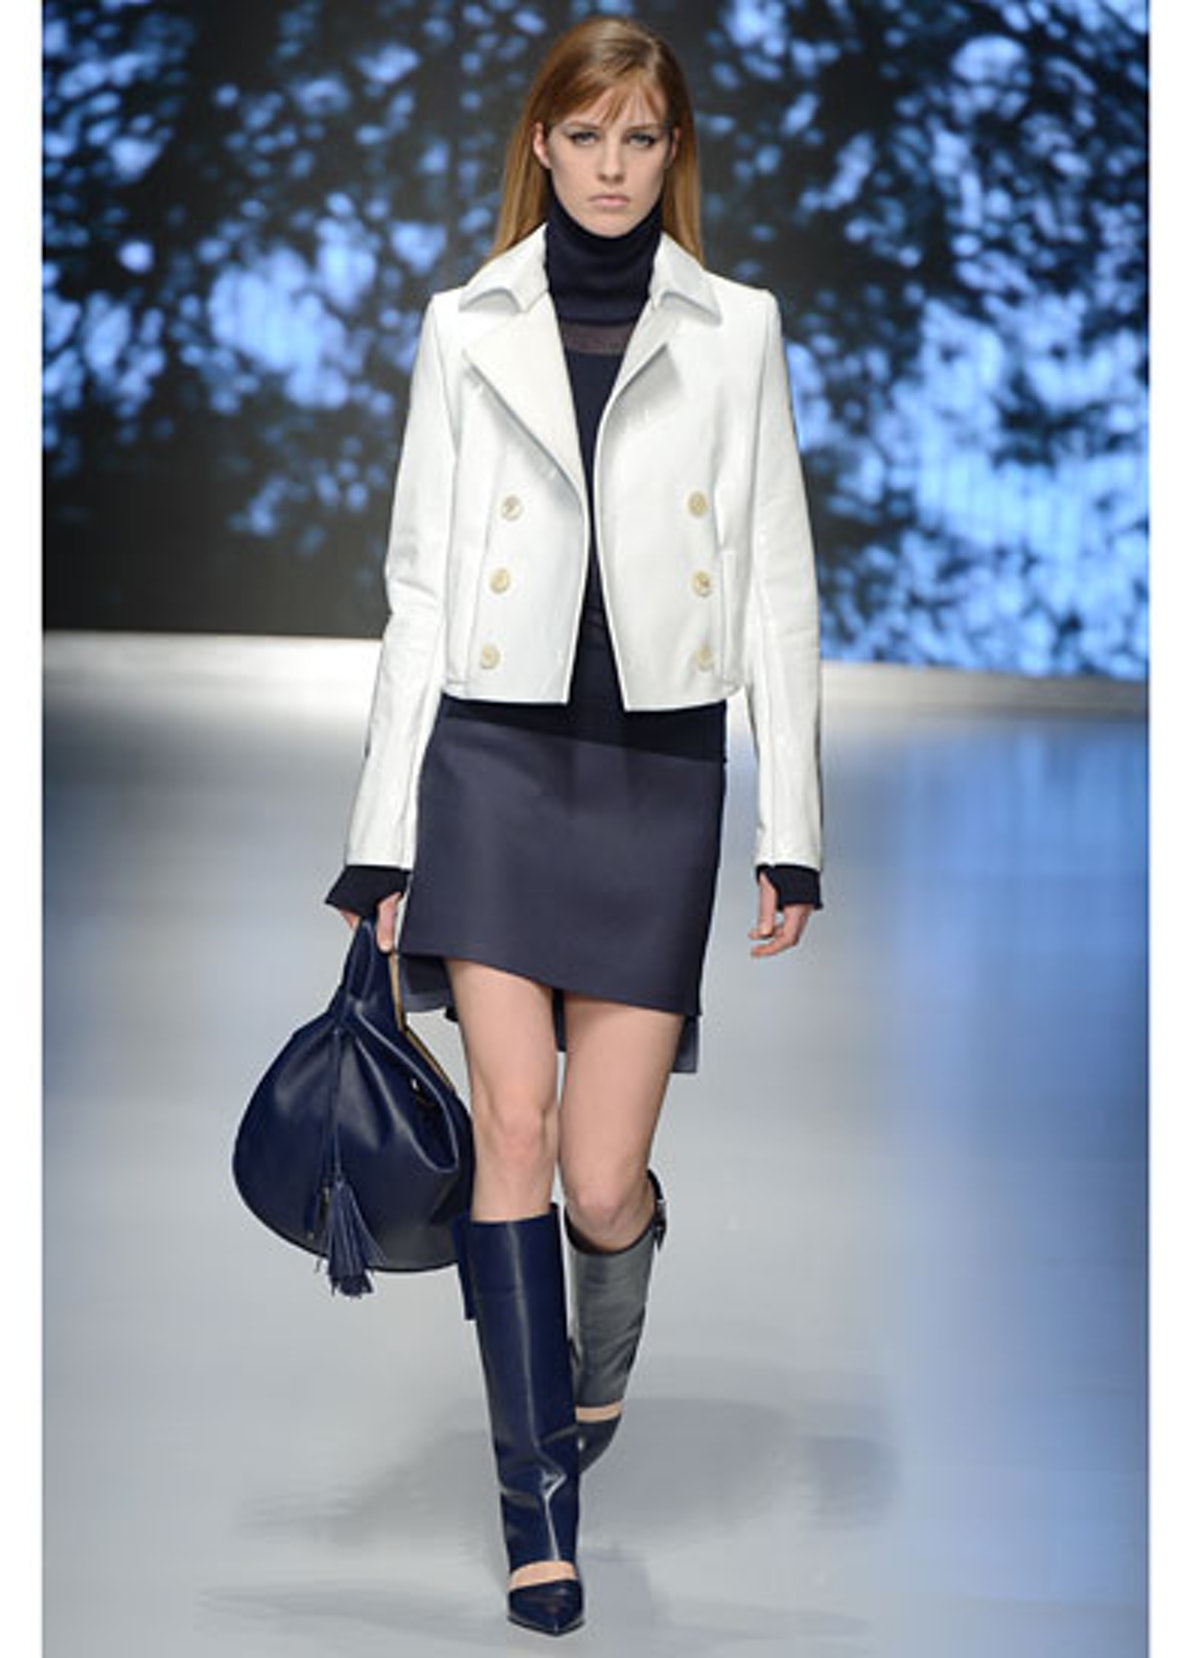 fass-best-skirts-of-fall-2013-04-v.jpg